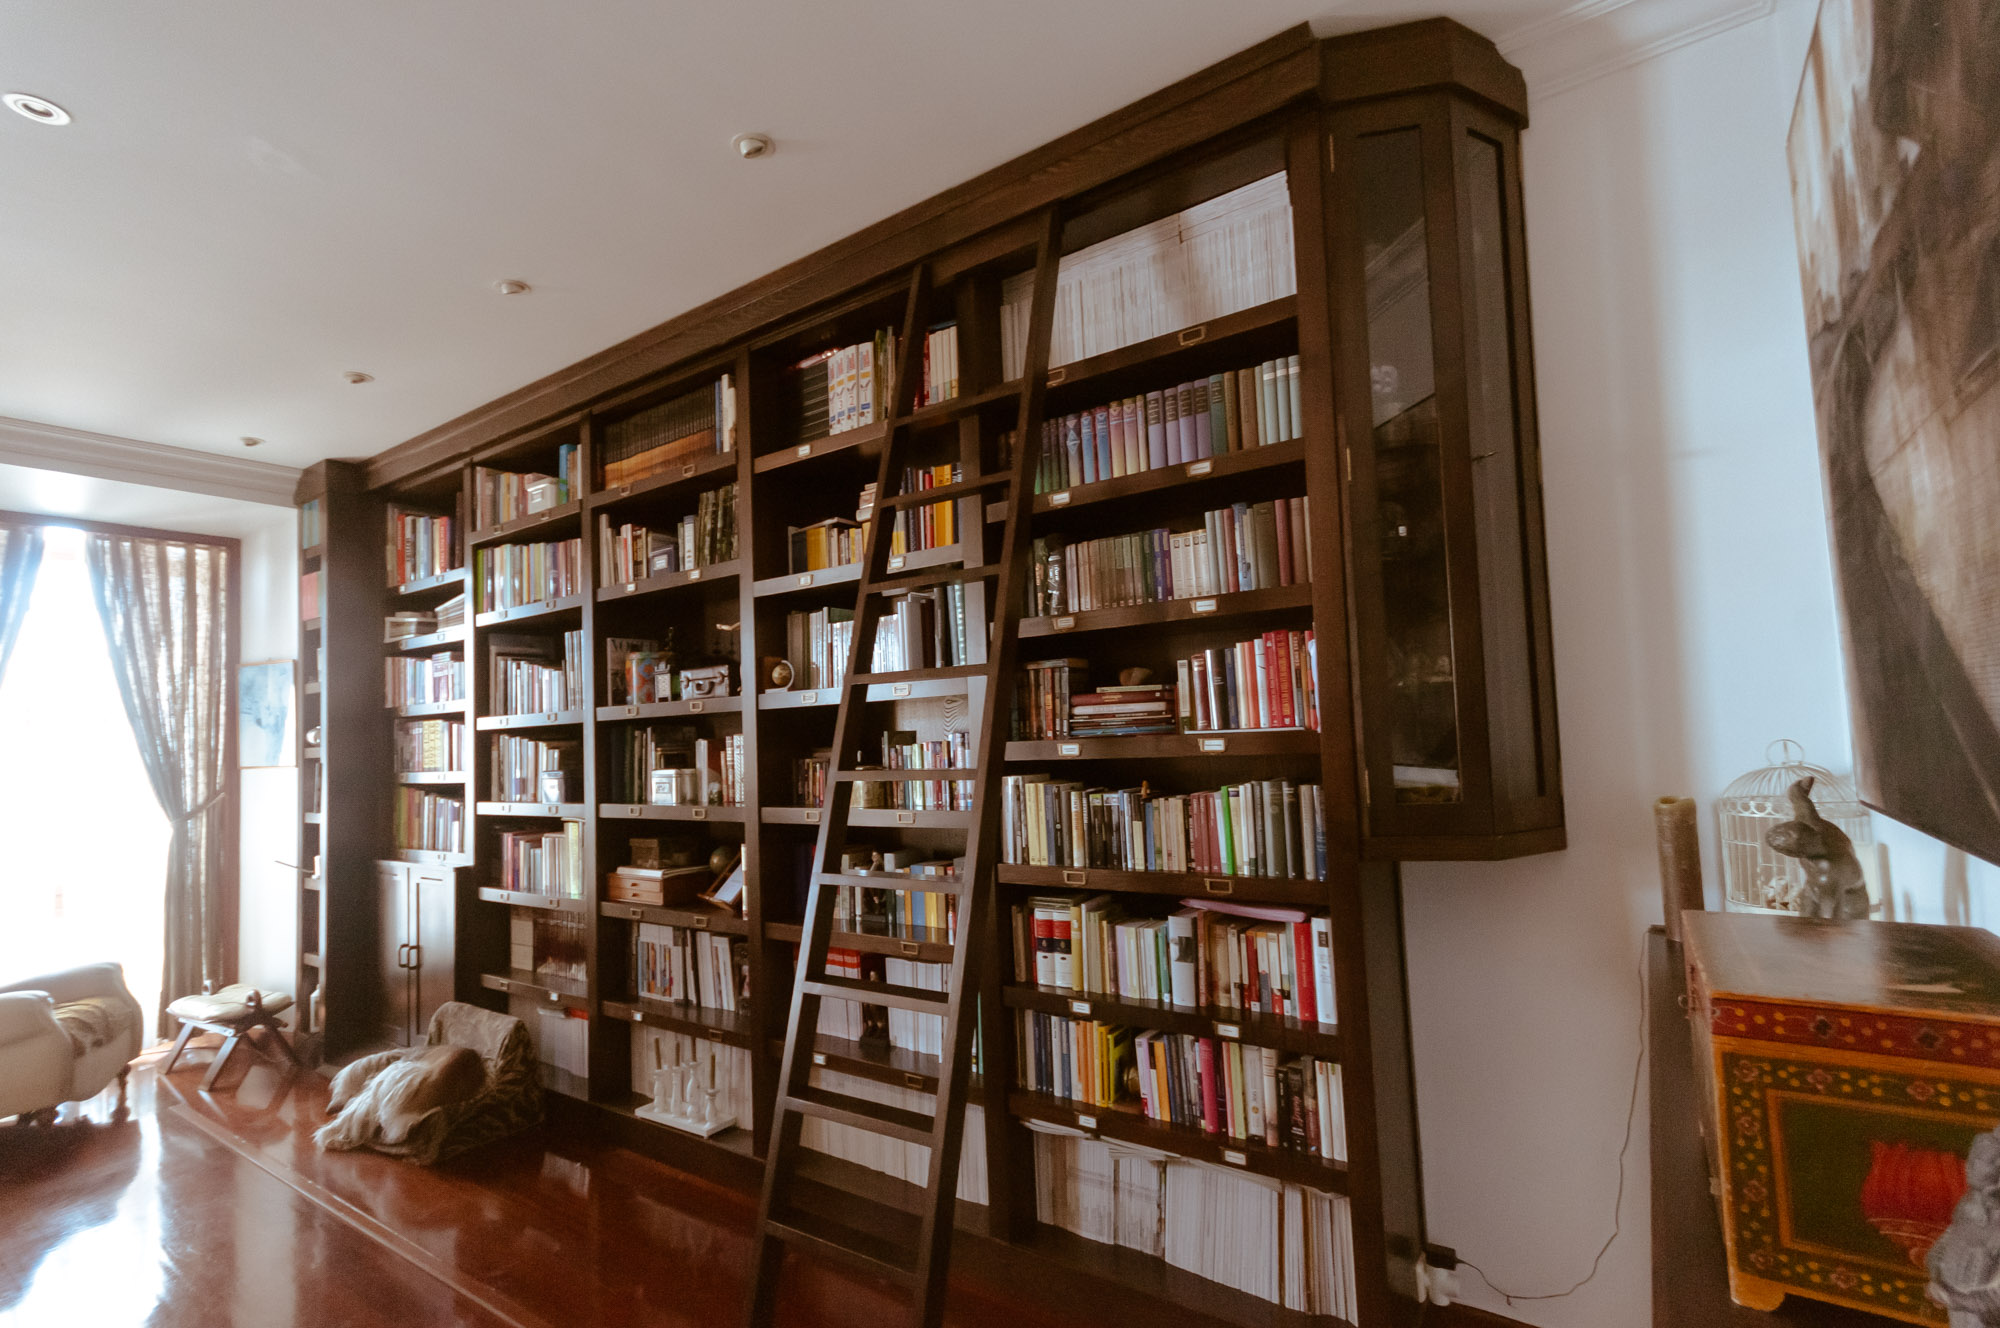 casa, biblioteca, libreria, gijon, mar vidal, persistencia o cambio